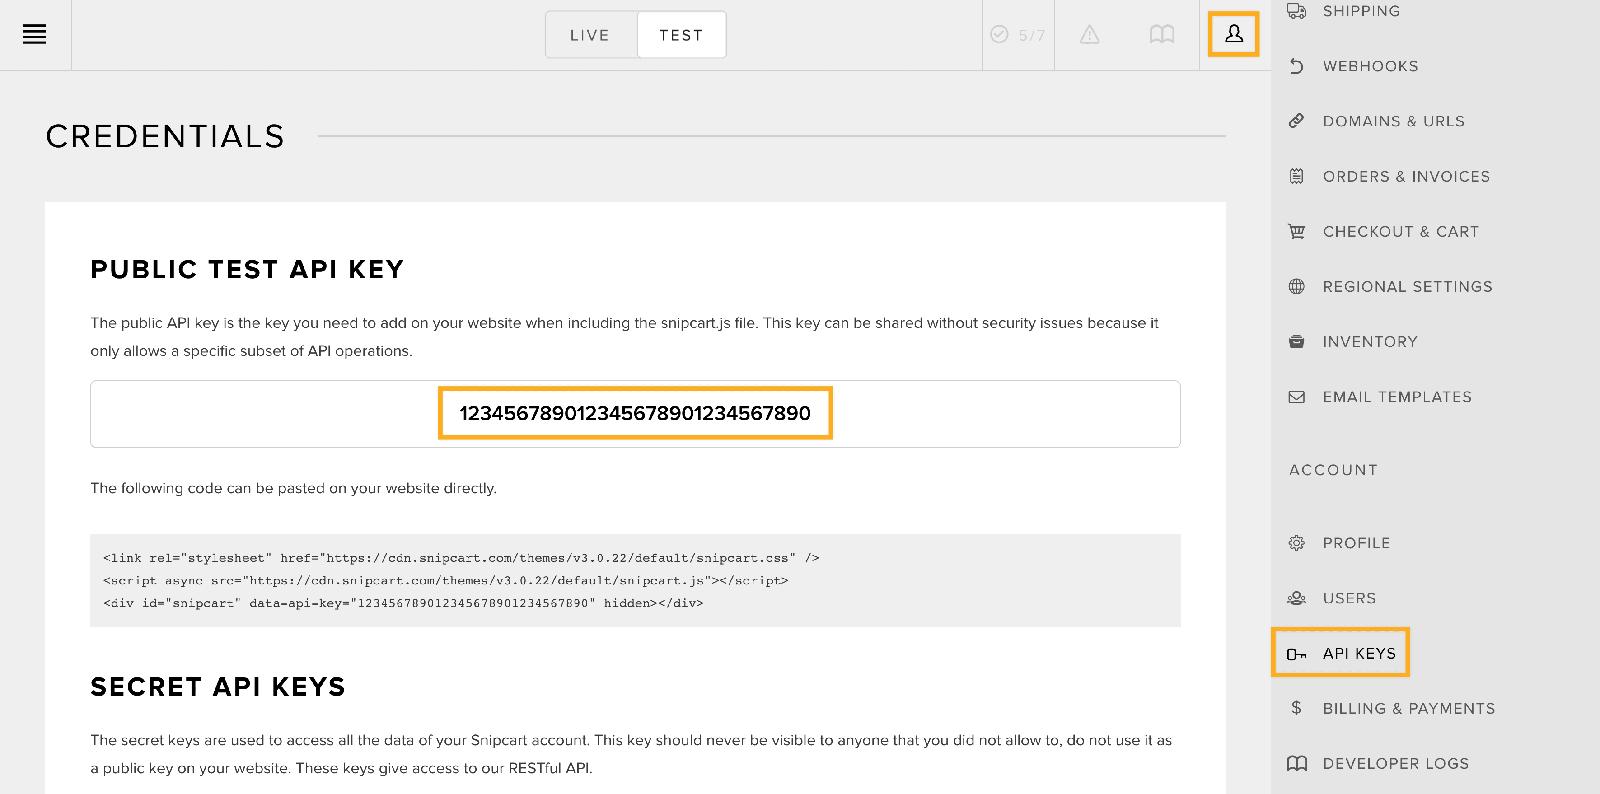 Screenshot: Snipcart API key